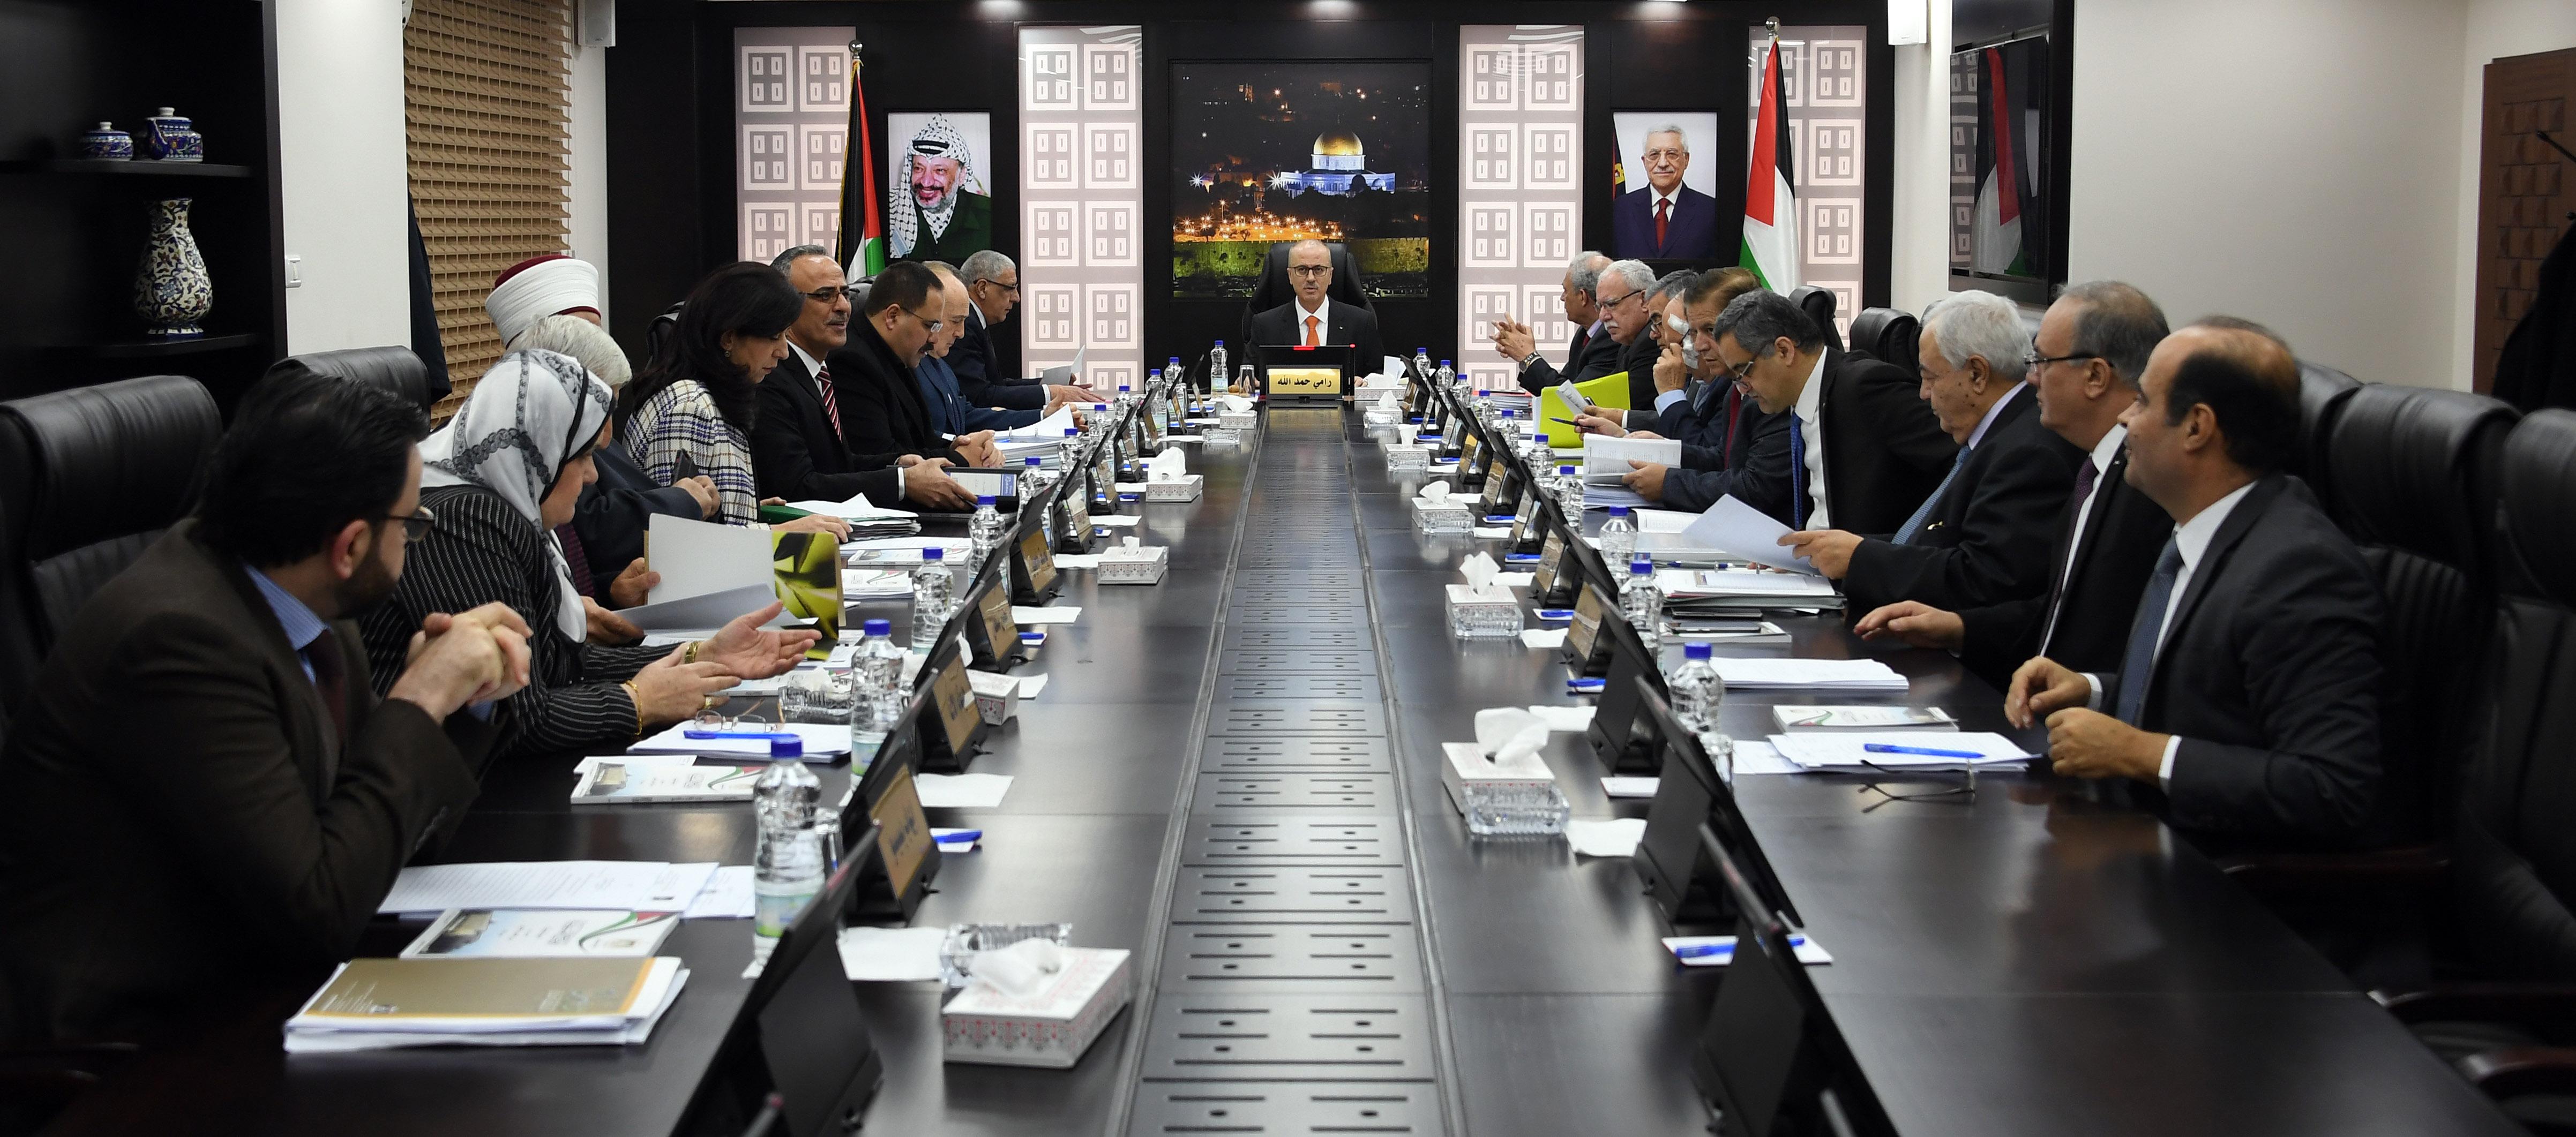 مجلس الوزراء: توقيع عشر اتفاقيات تعاون مع فرنسا